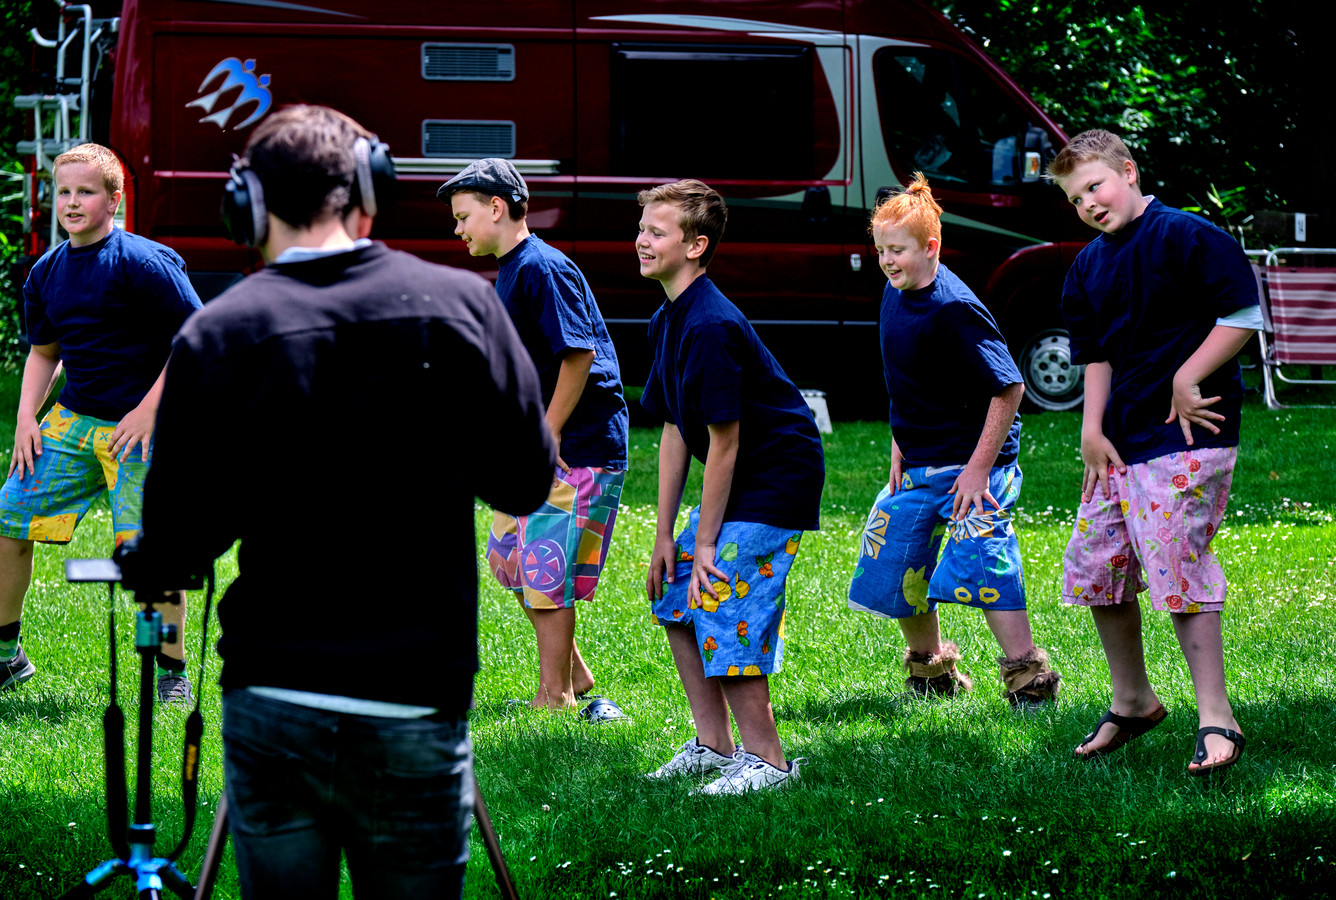 Jongens van groep 8 van de Oranje Nassauschool zingen en dansen op een van de liedjes van de musical, op camping Het Loze Vissertje. Ze worden gefilmd door de vaste geluidsman en technicus van de school.